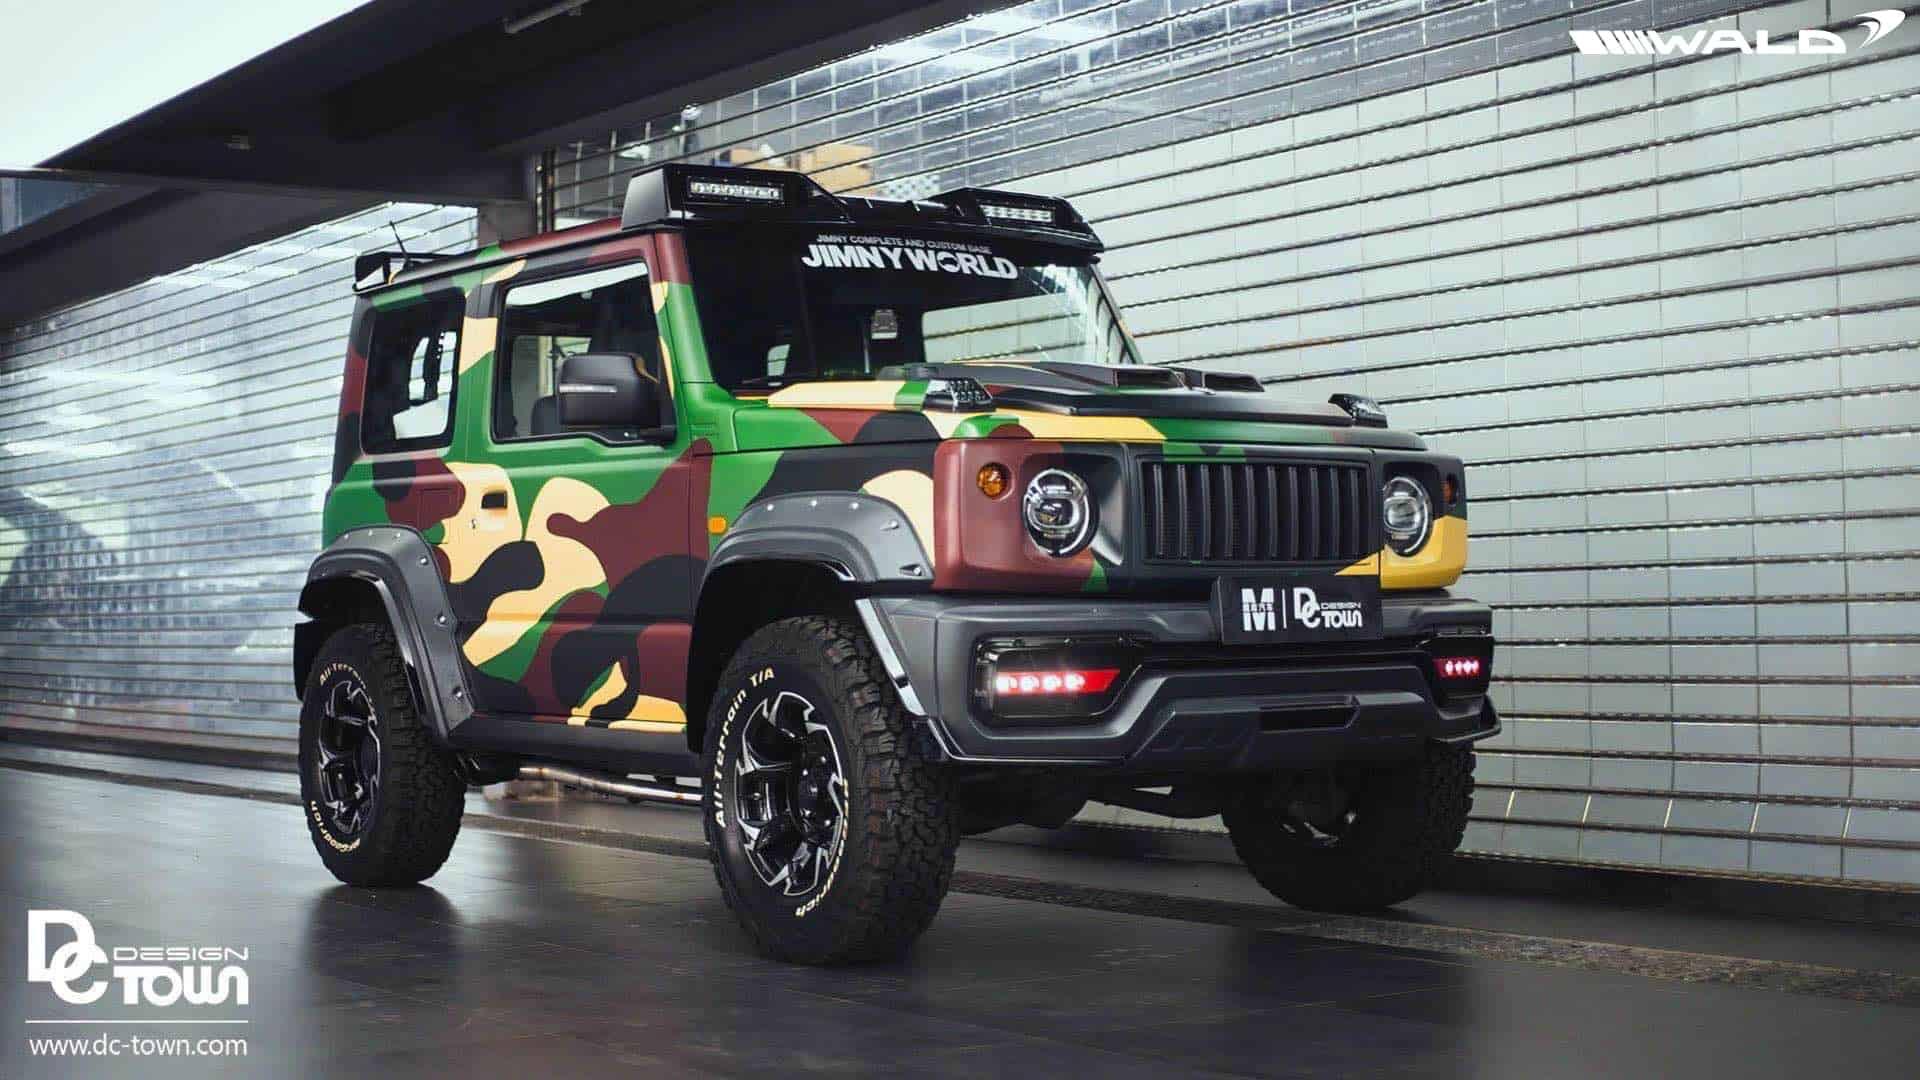 Suzuki Jimny Camo Wrap & WALD Body Kit